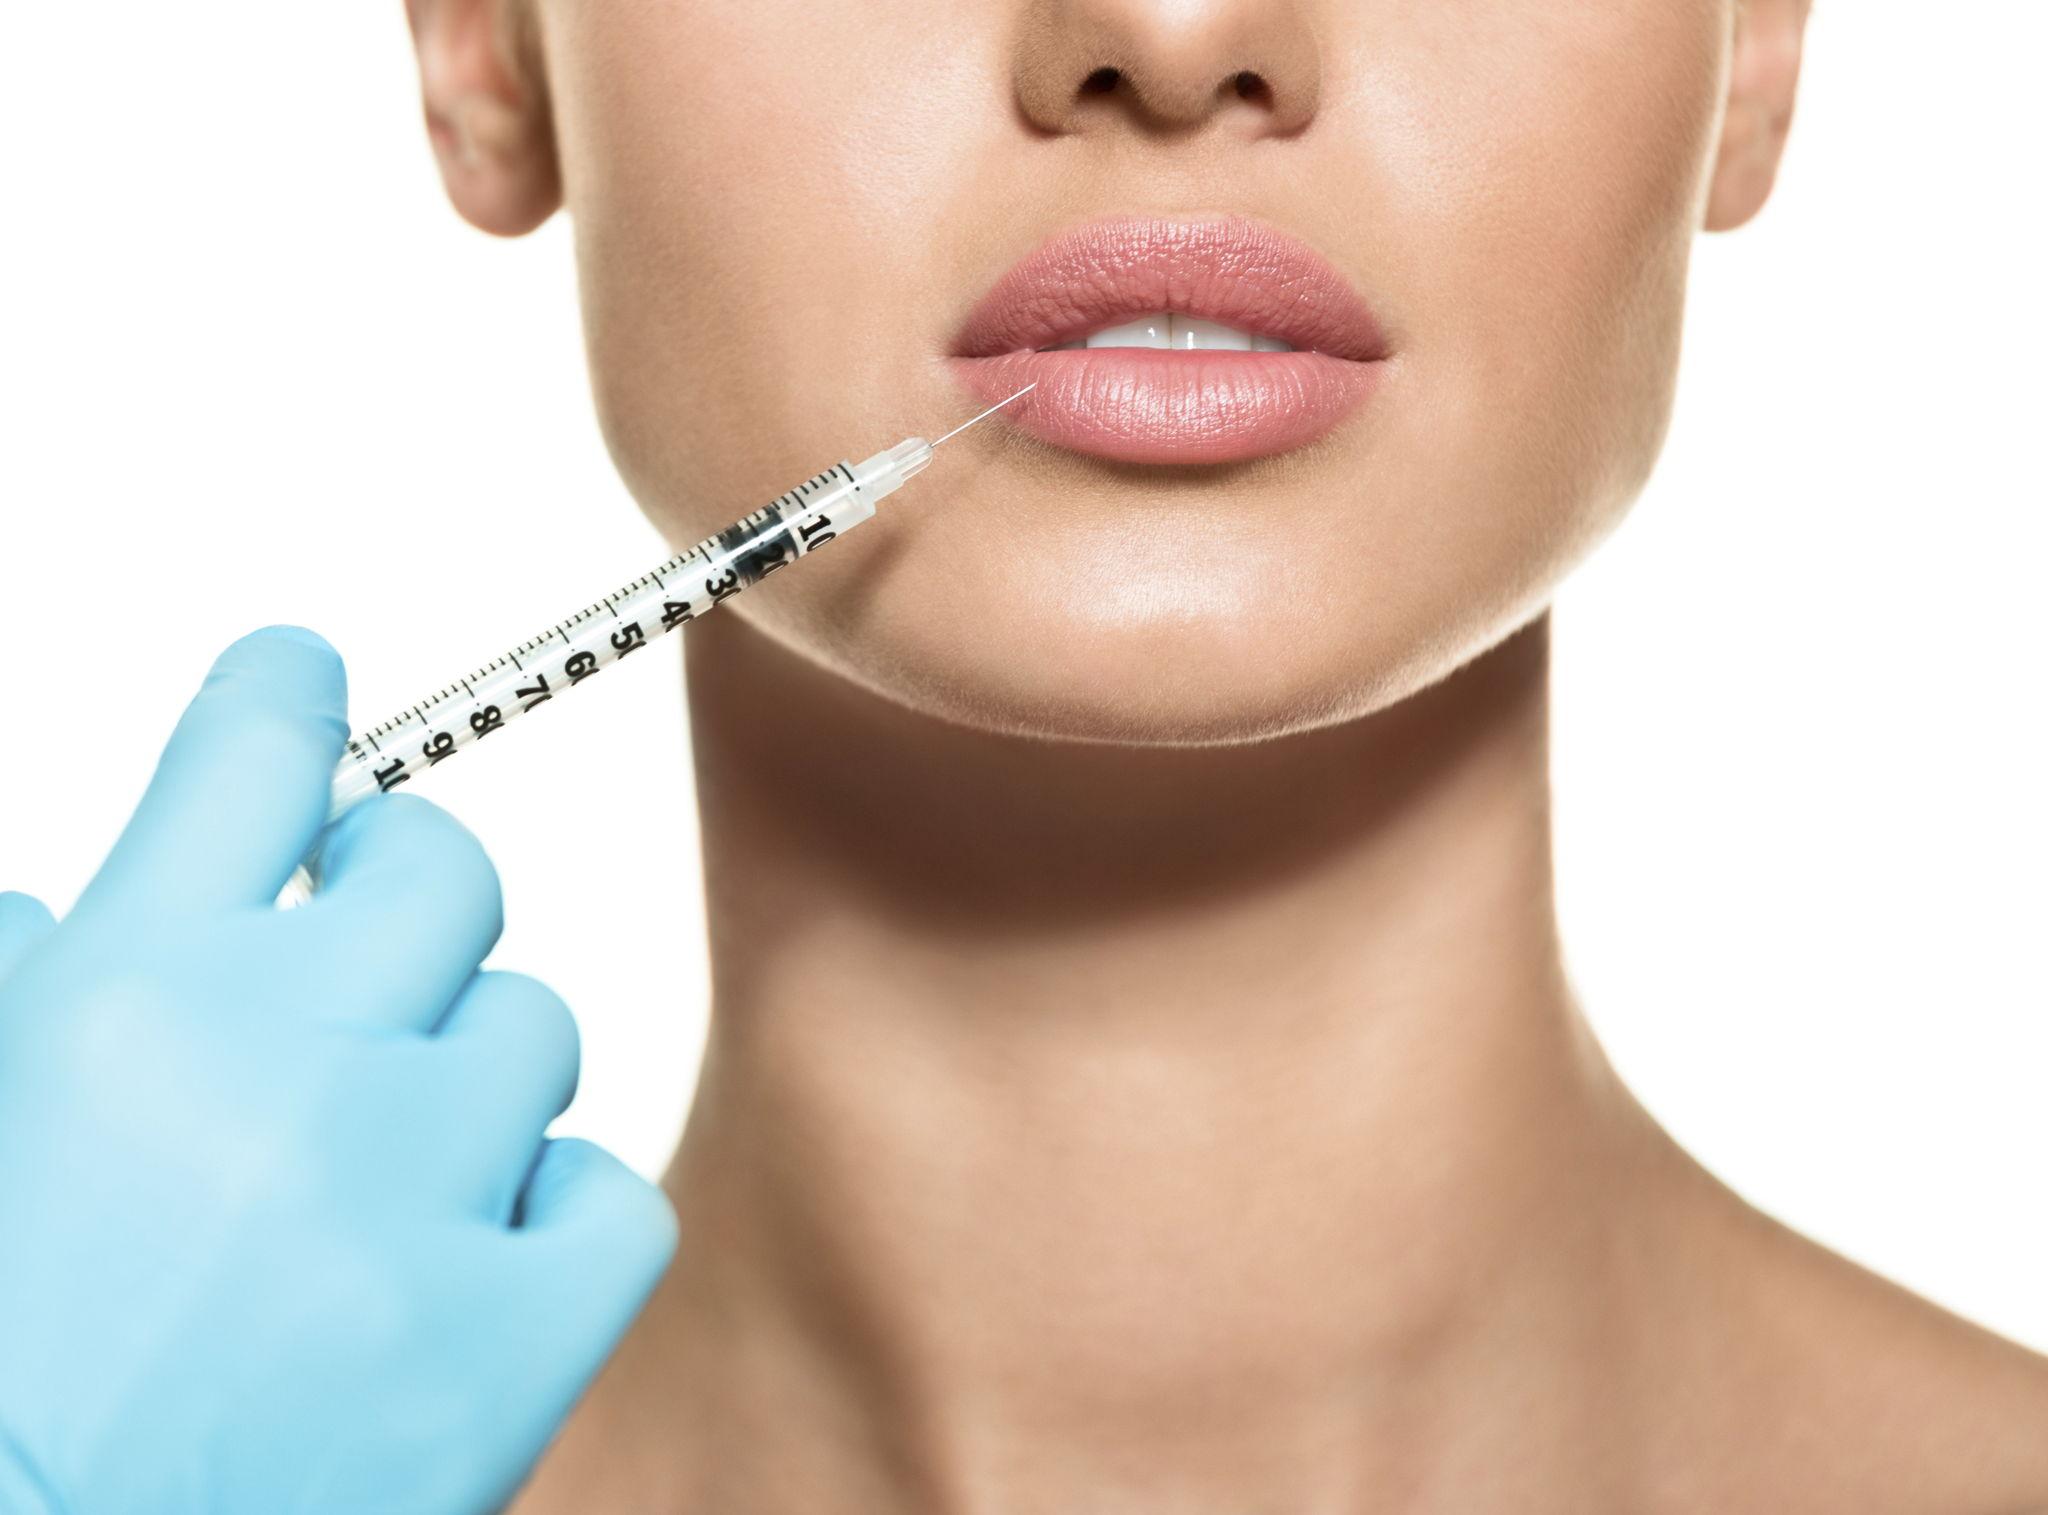 Una donna si sottopone a una iniezione di filler alle labbra